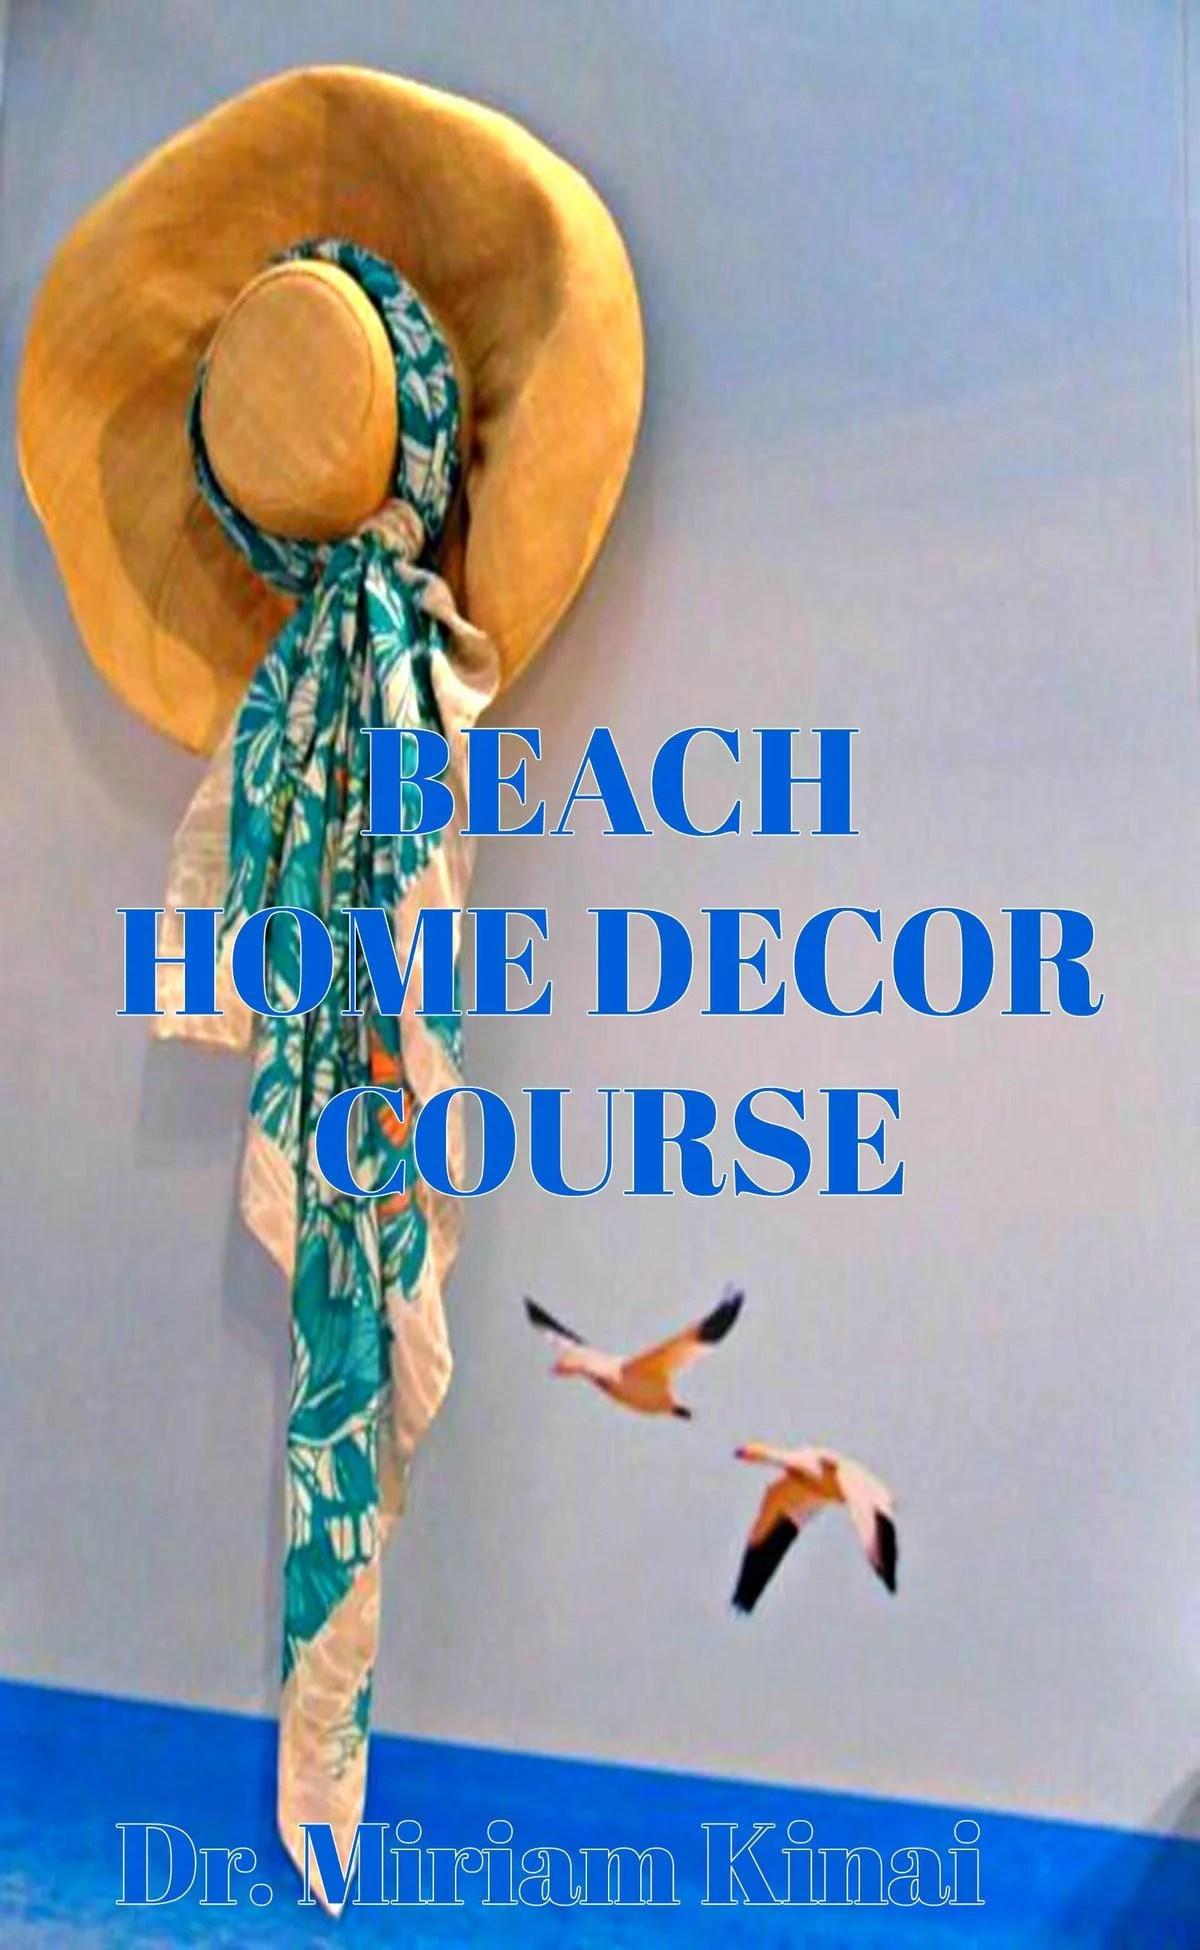 Beach Home Decor Course  eBook  Walmartcom